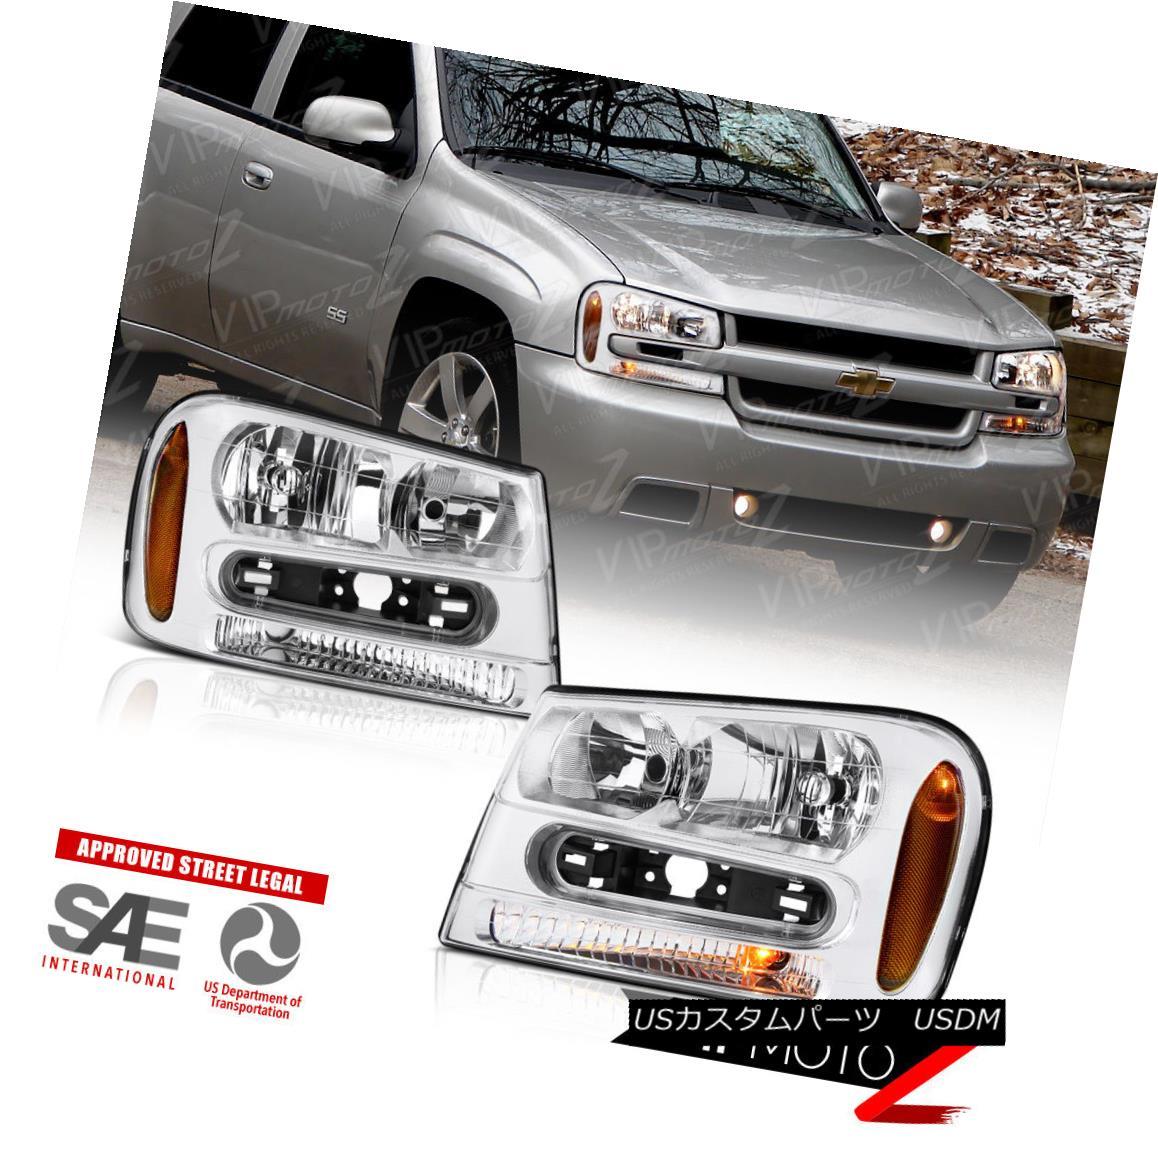 ヘッドライト 2002-2009 Chevrolet Trail Blazer Front Factory Style Headlights PAIR 02-06 EXT 2002-2009シボレートレイルブレザーフロントファクトリースタイルヘッドライトPAIR 02-06 EXT